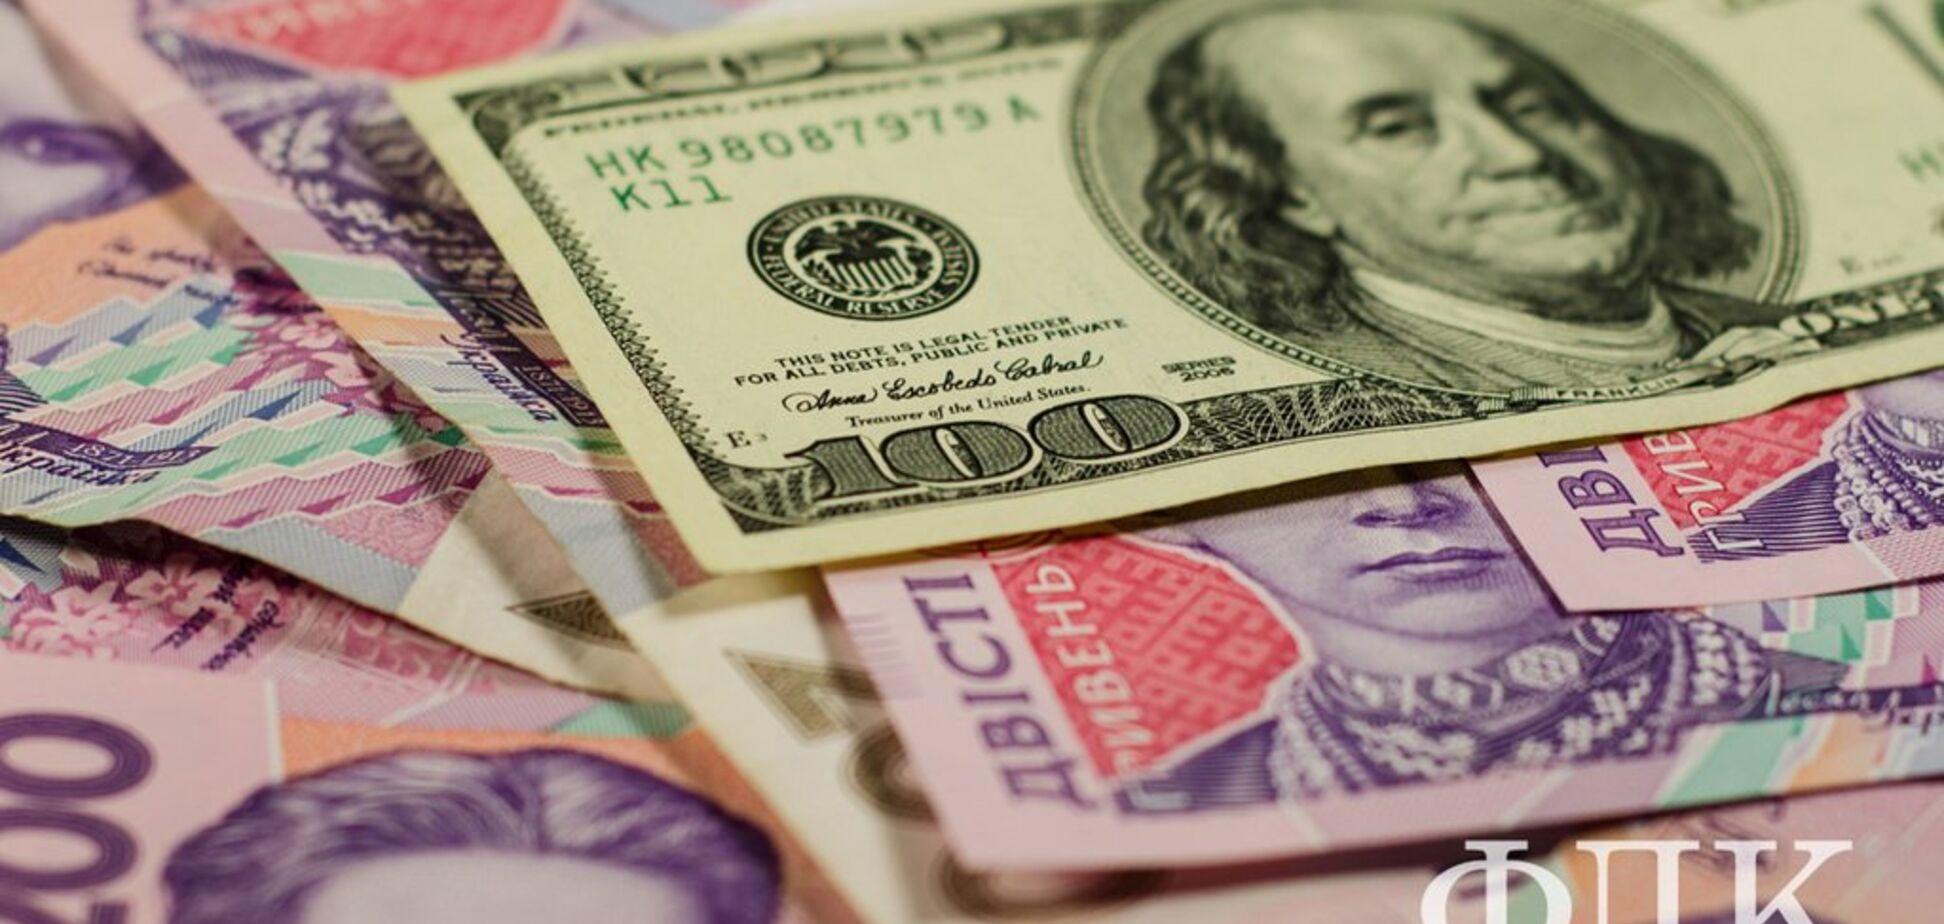 Мартынюк: 27 млрд инвестиций в АПК гарантируют быстрое развитие отрасли